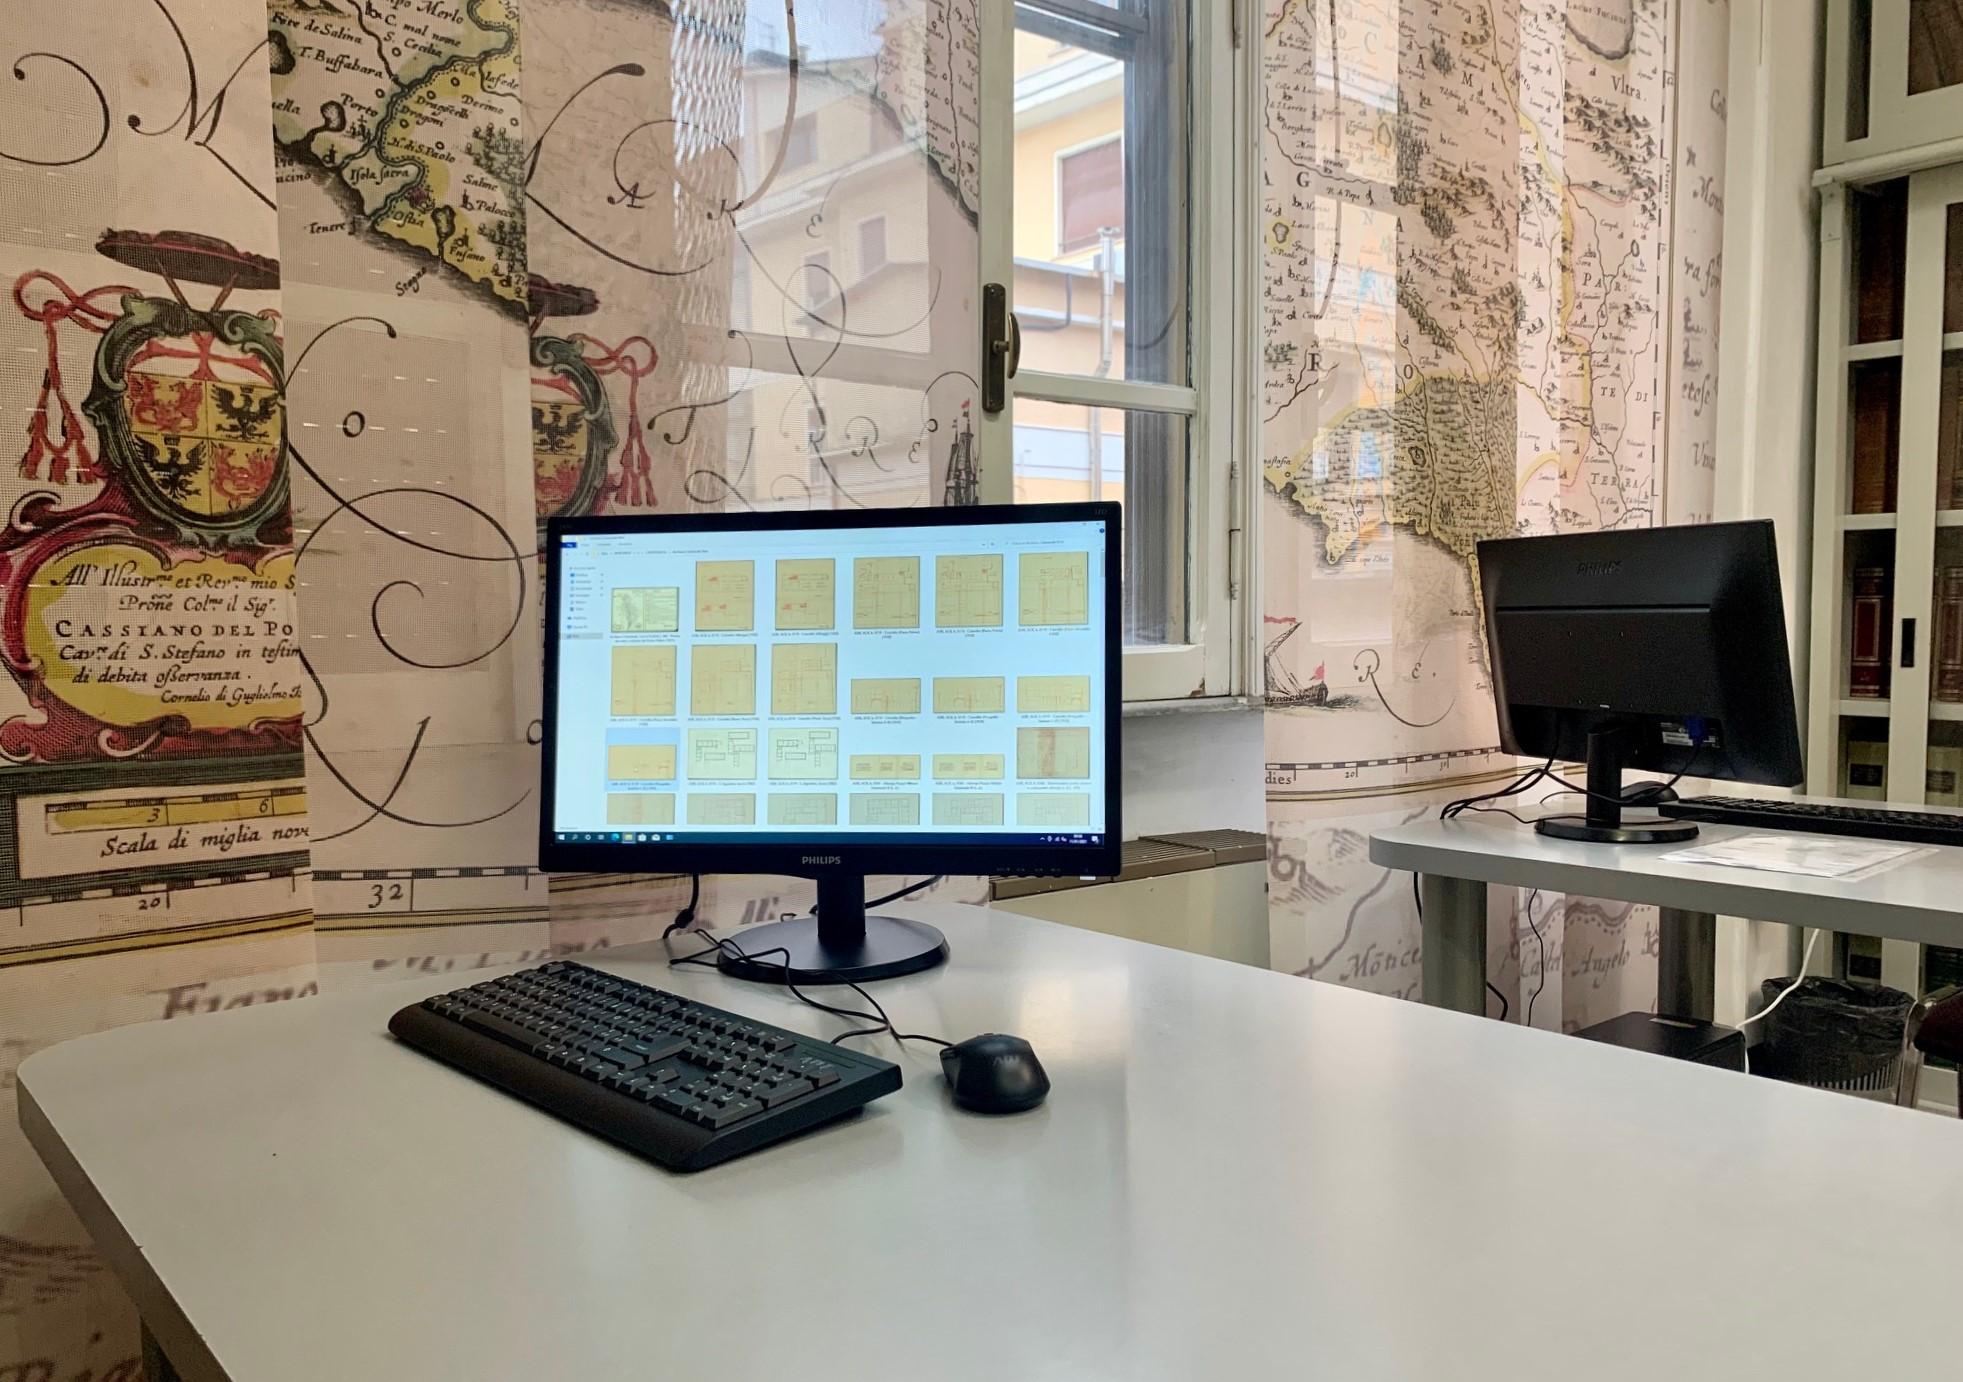 Covid19 e digitale, l'Archivio di Stato di Rieti rende fruibile una banca dati di 500mila documenti